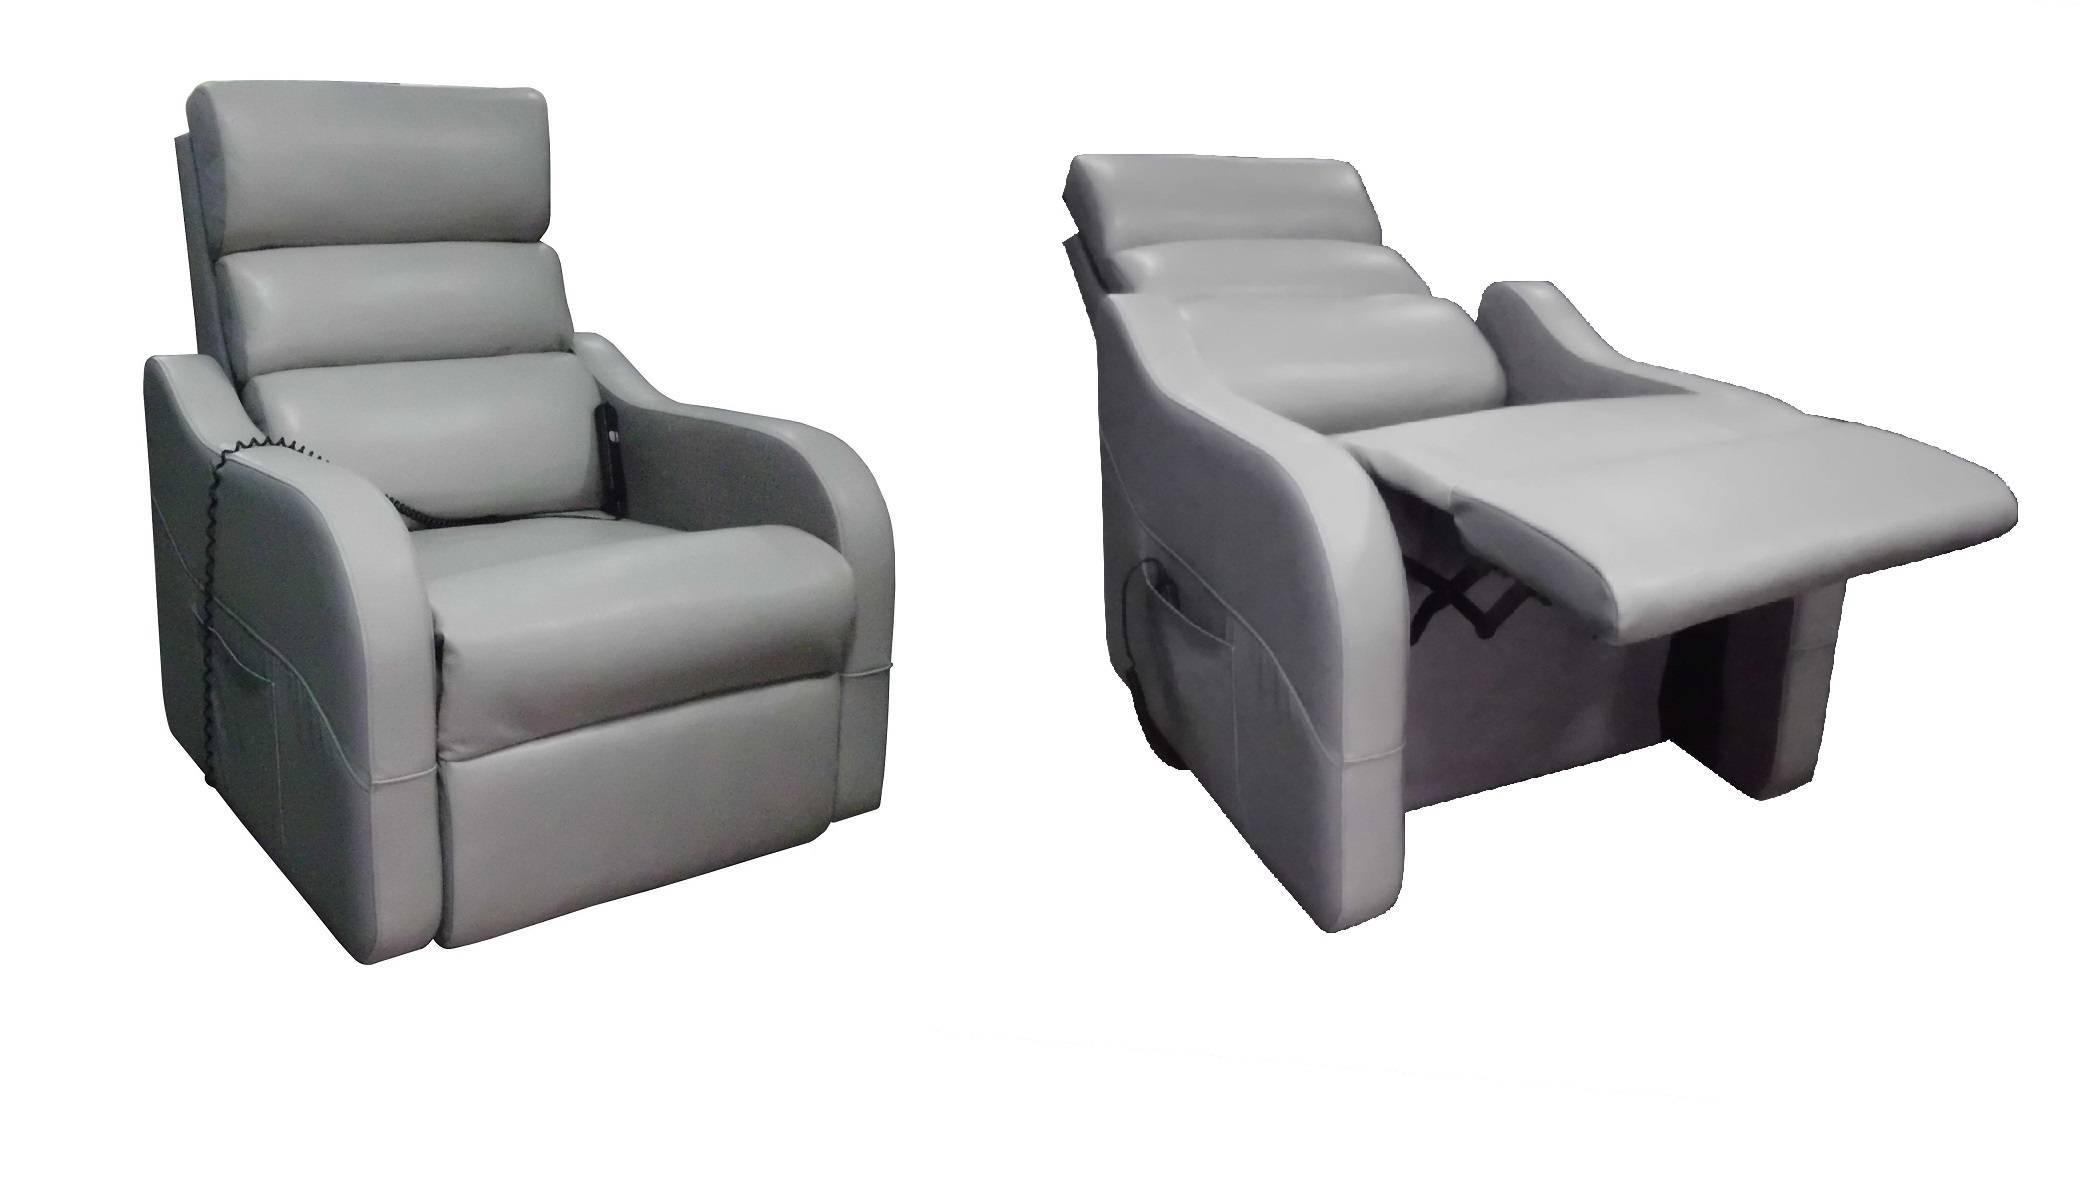 BH-8233 Recliner Chair, Recliner Sofa, Reclining Chair, Reclining Sofa, Home Furniture